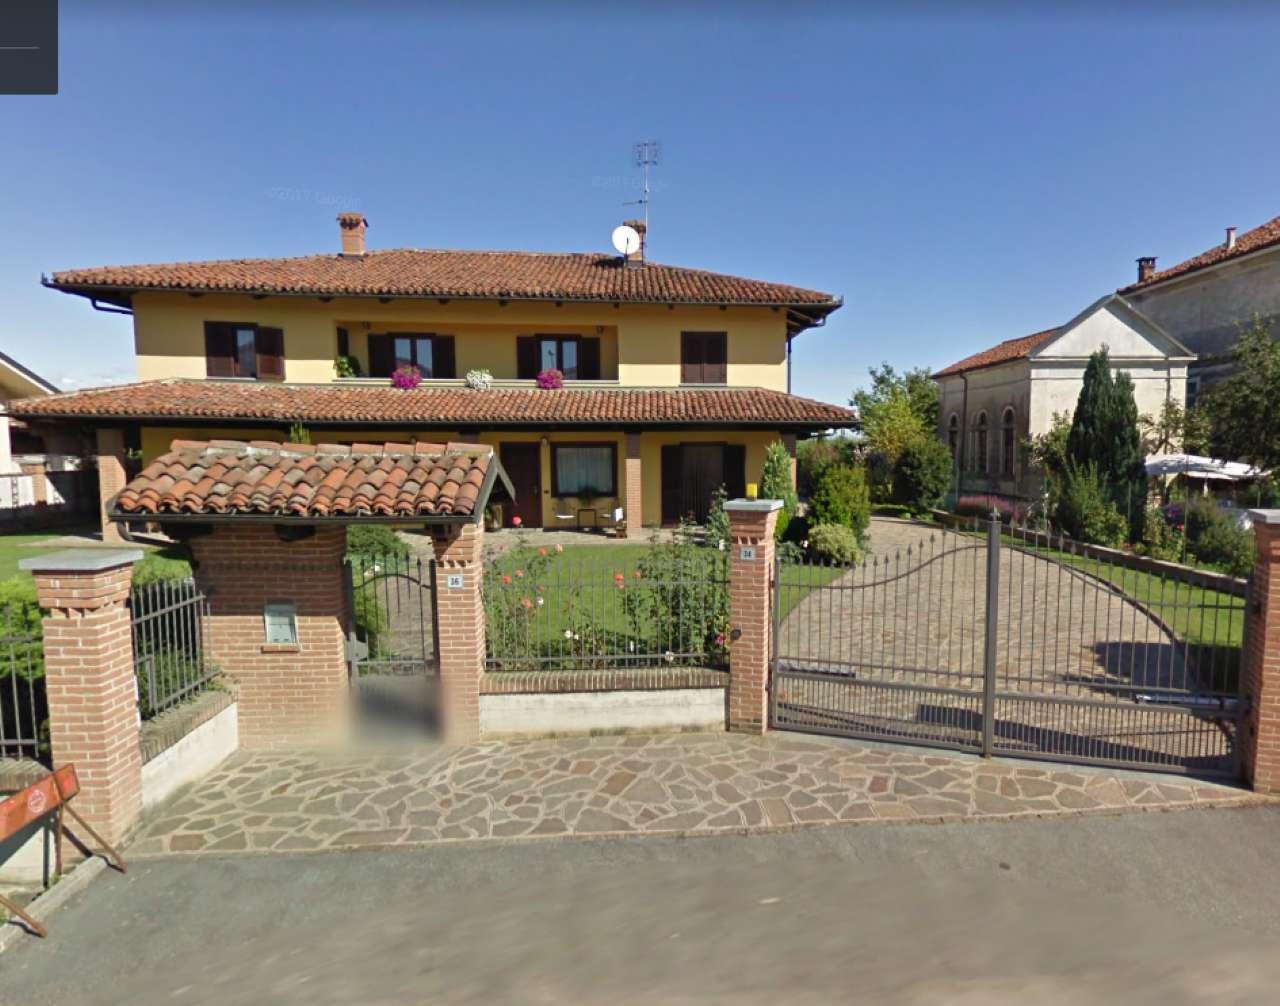 Soluzione Indipendente in vendita a Savigliano, 8 locali, prezzo € 197.250 | CambioCasa.it